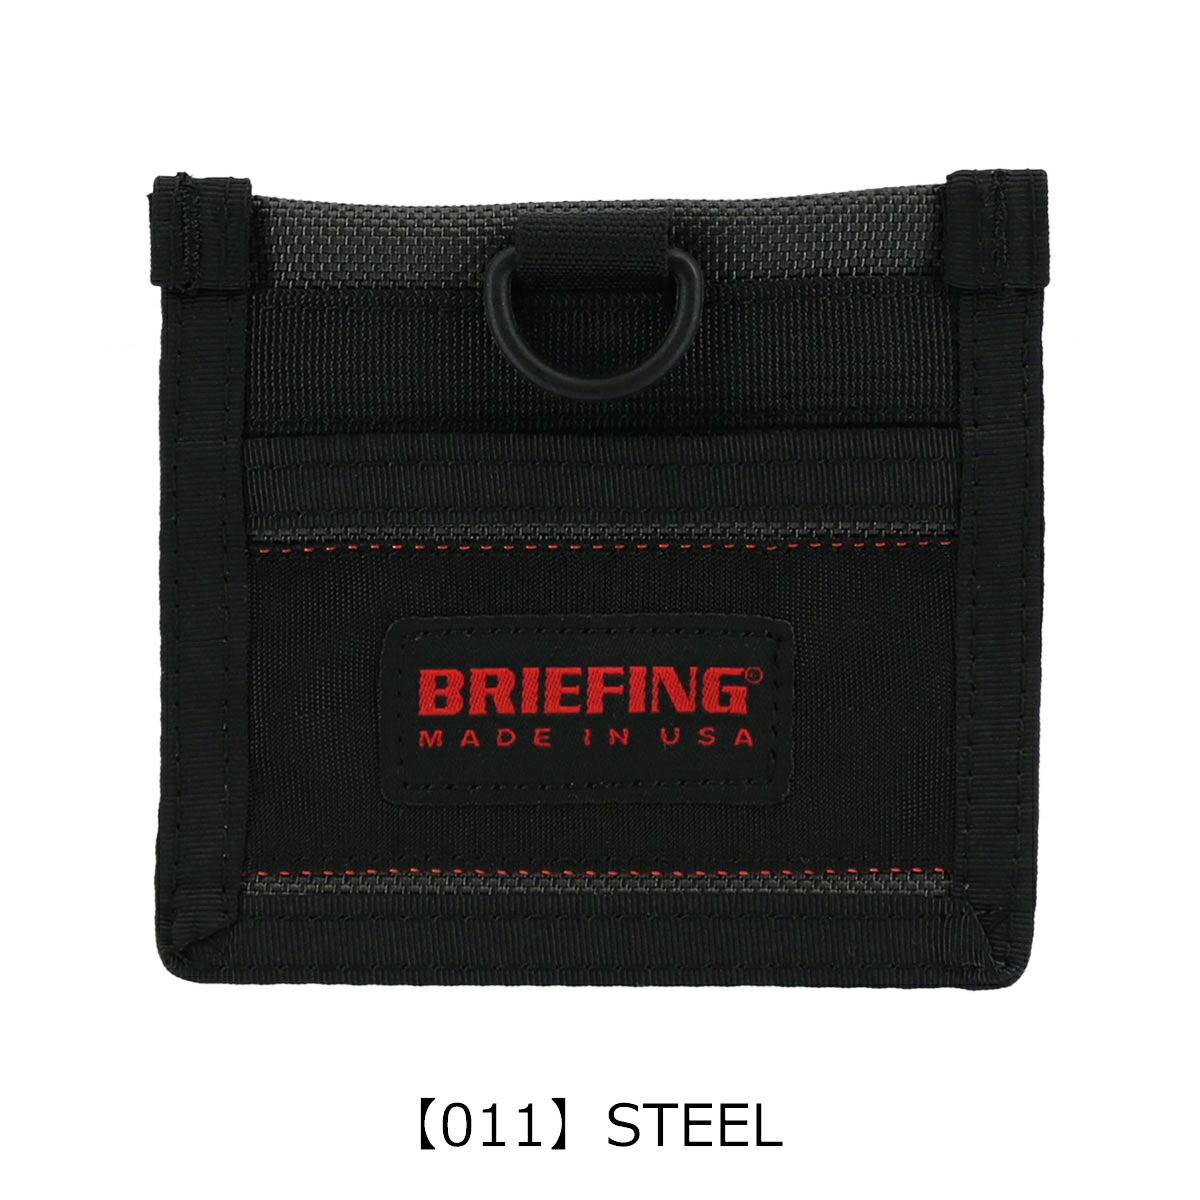 【011】STEEL